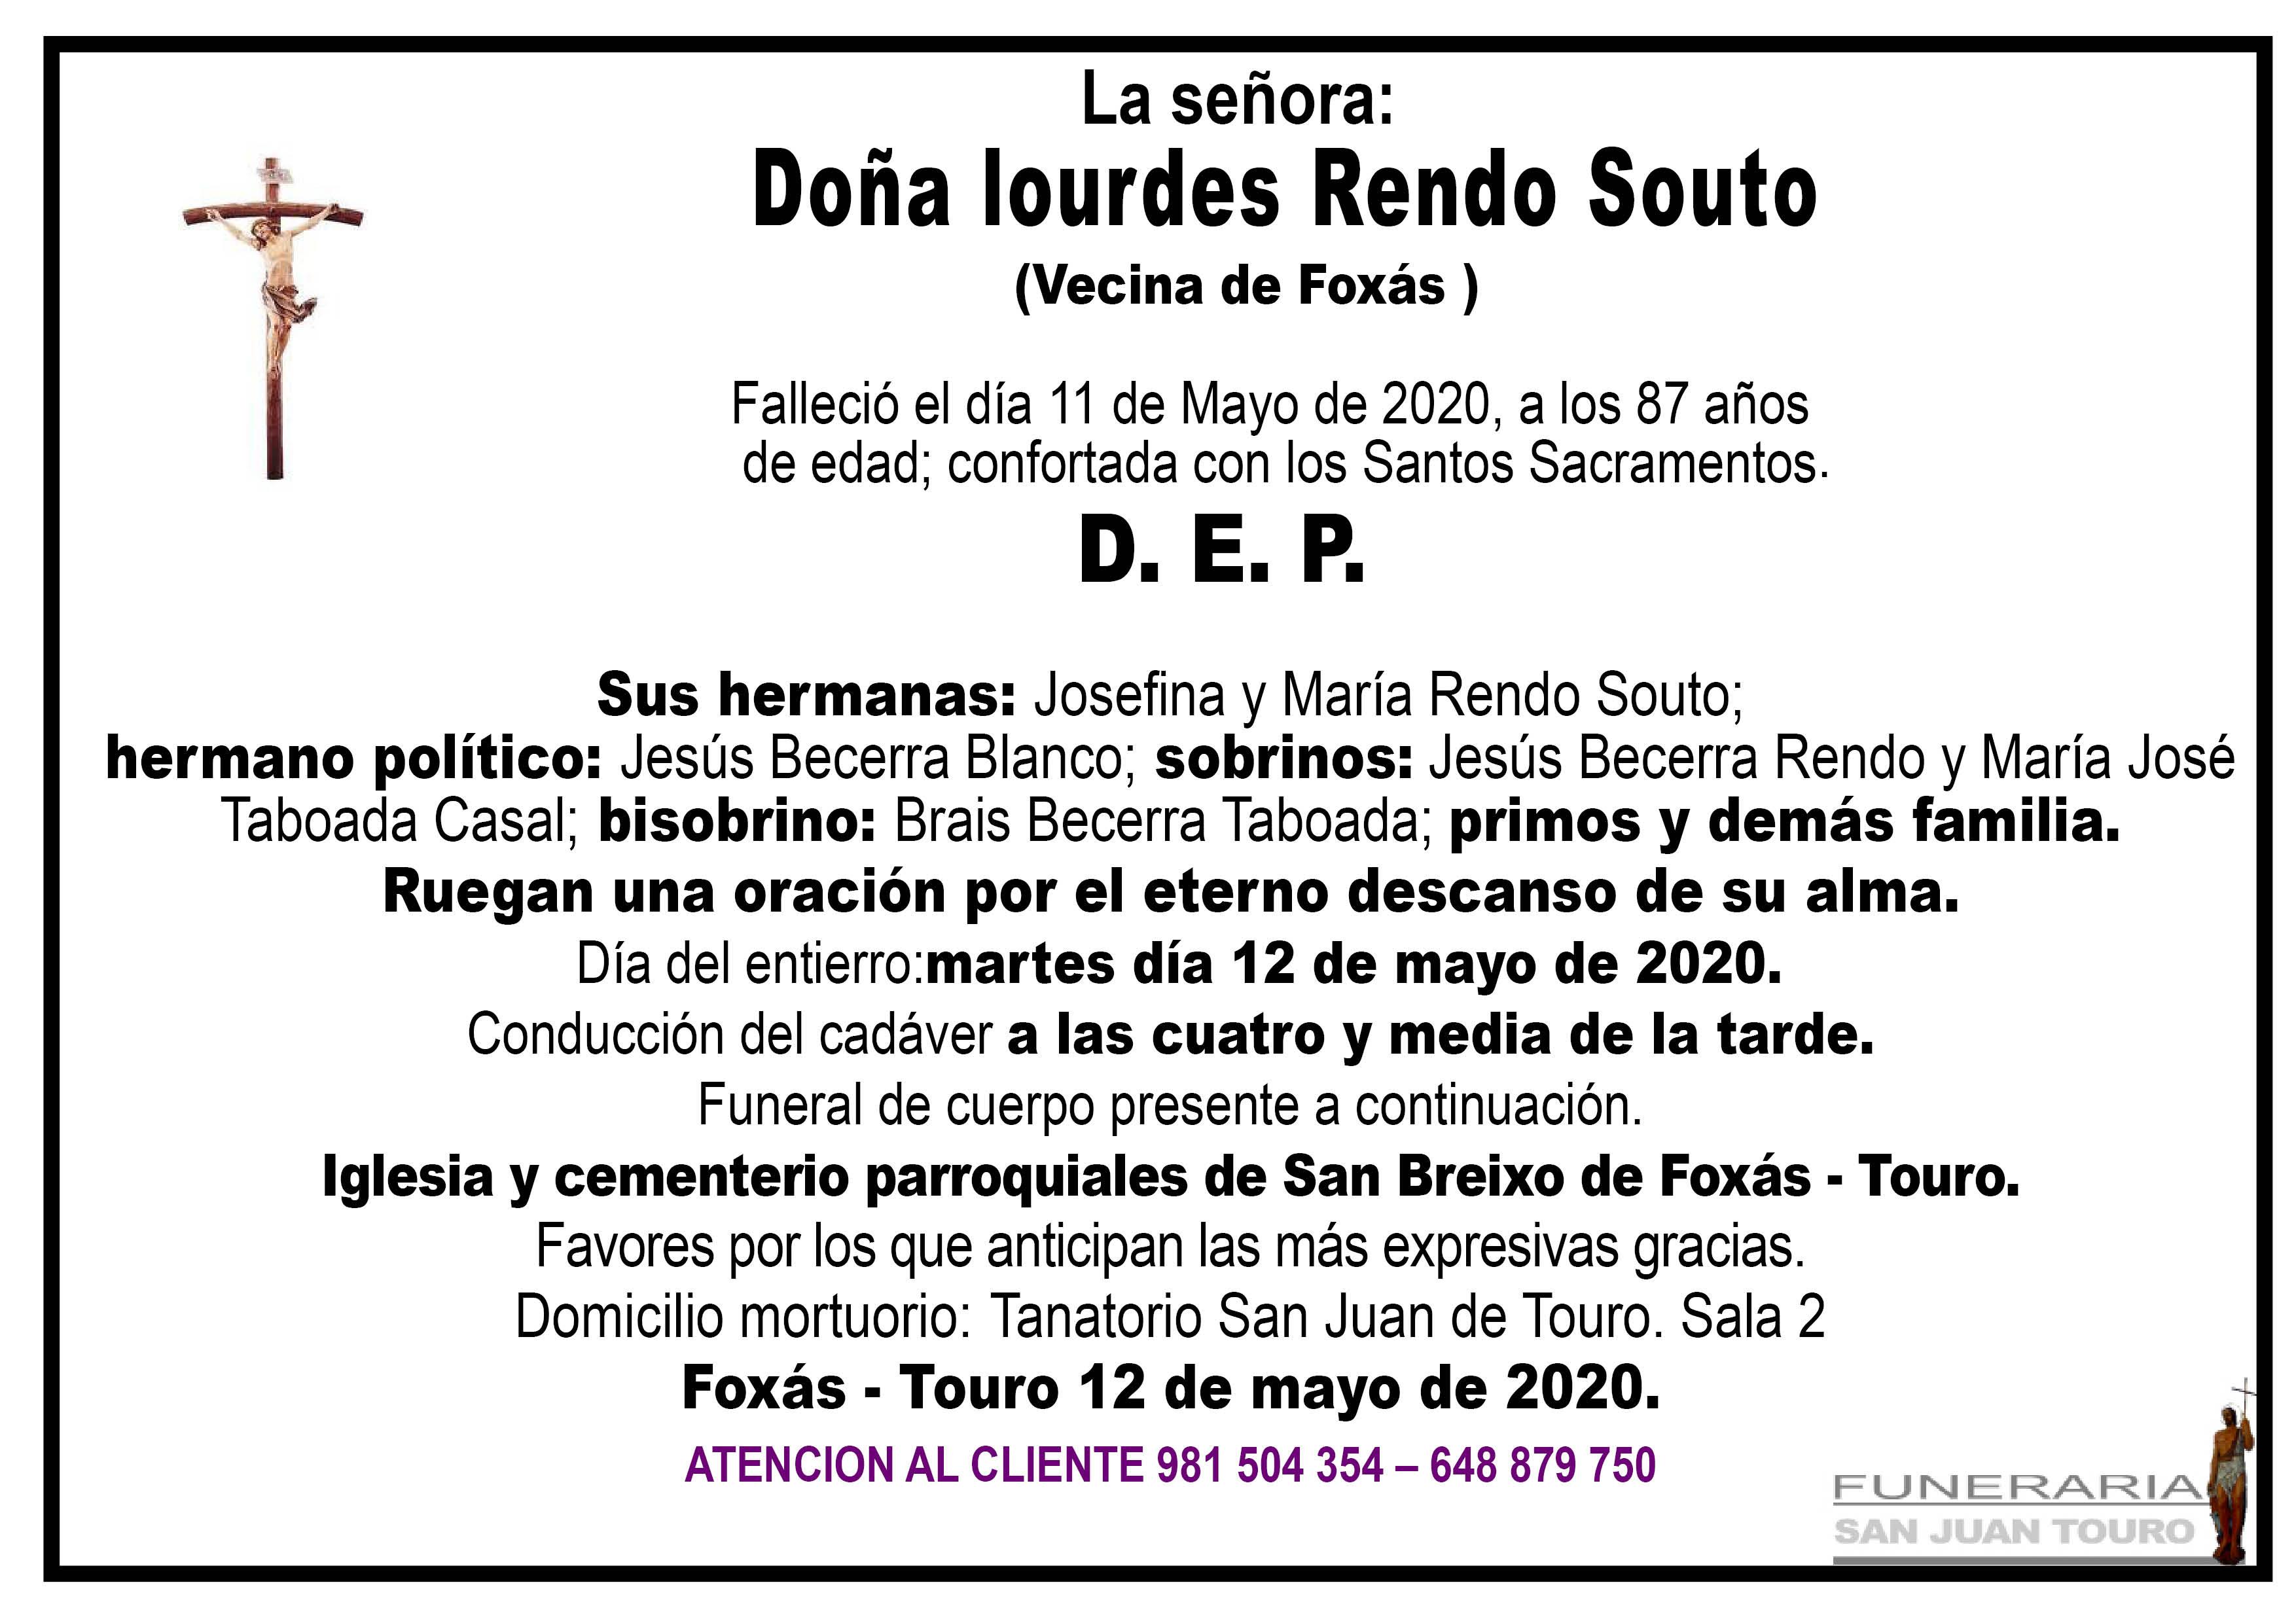 Esquela de SEPELIO DE DOÑA LOURDES RENDO SOUTO